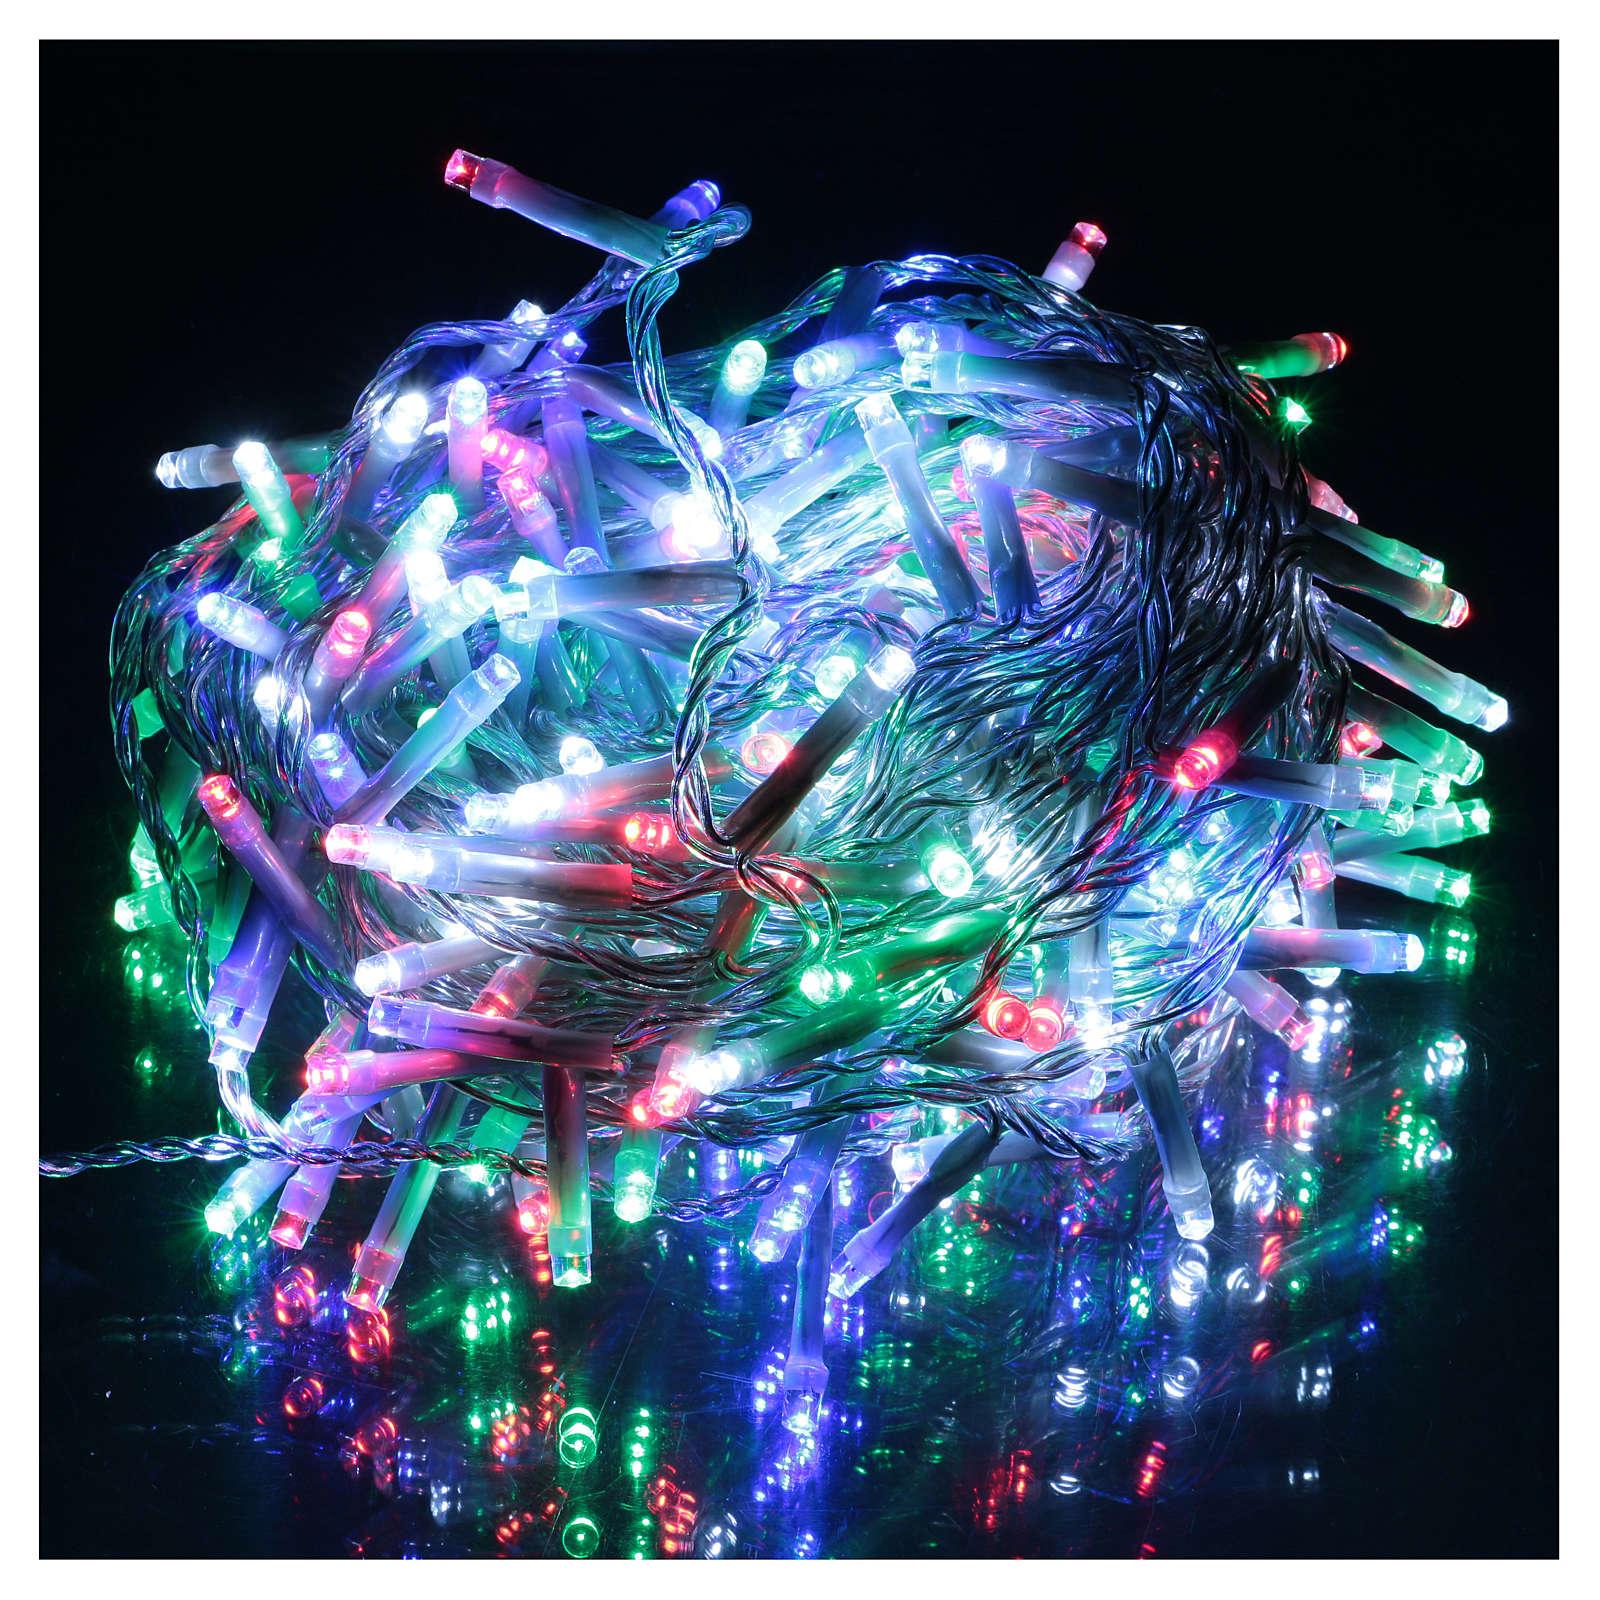 Guirlande lumineuse Noël 240 Leds multicolores extérieur interrupteur 12 m 3